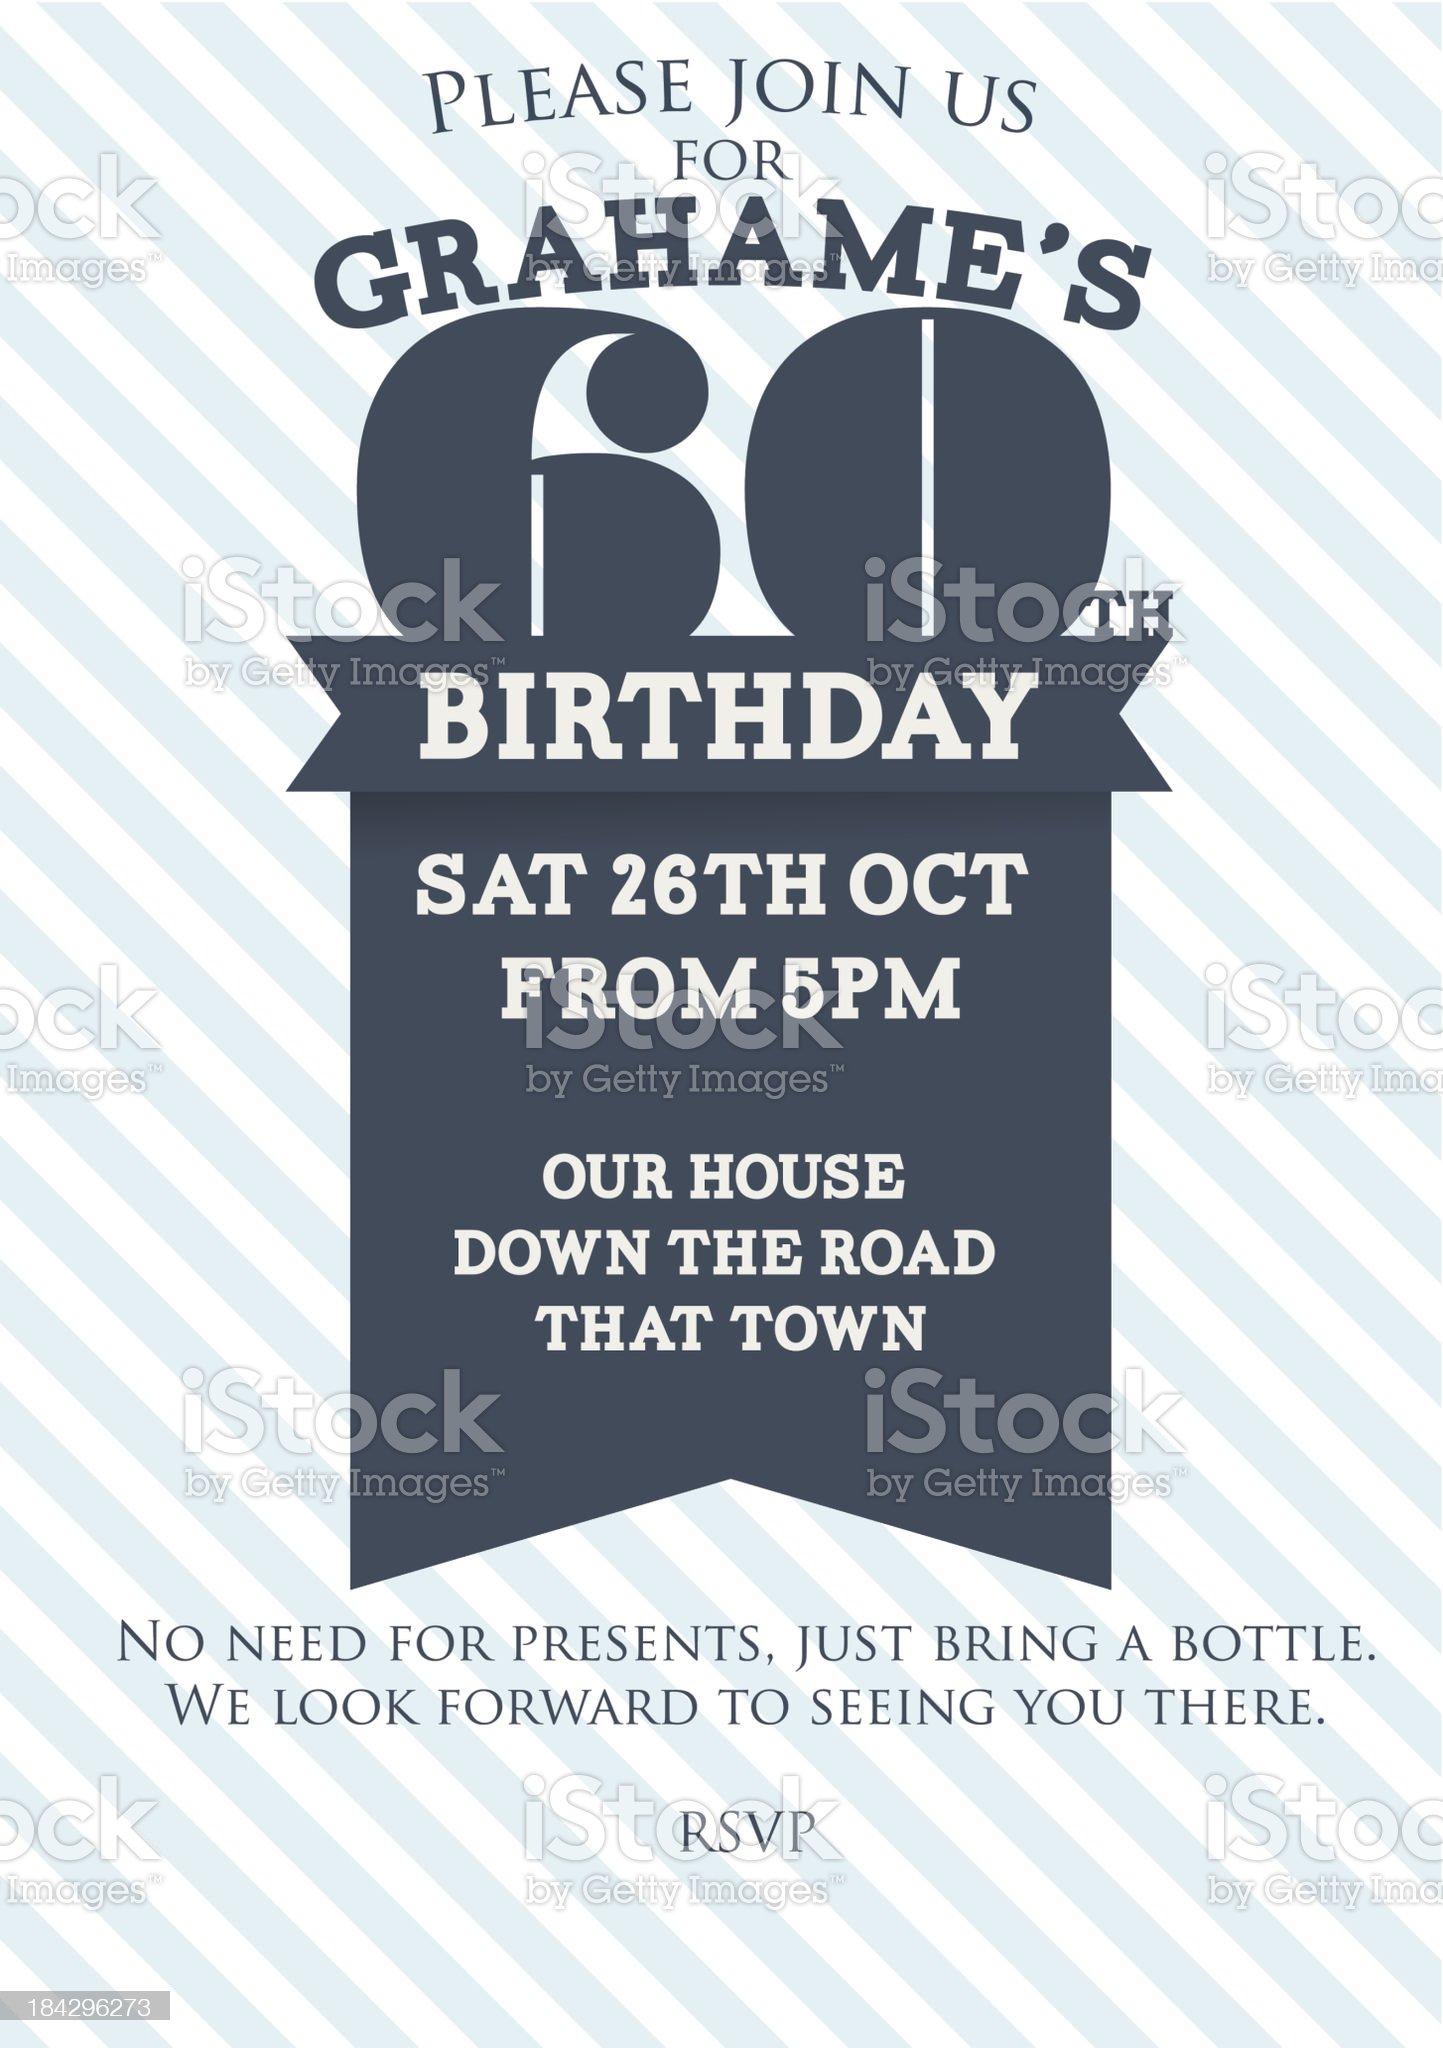 Sixtieth Birthday invitation royalty-free stock vector art